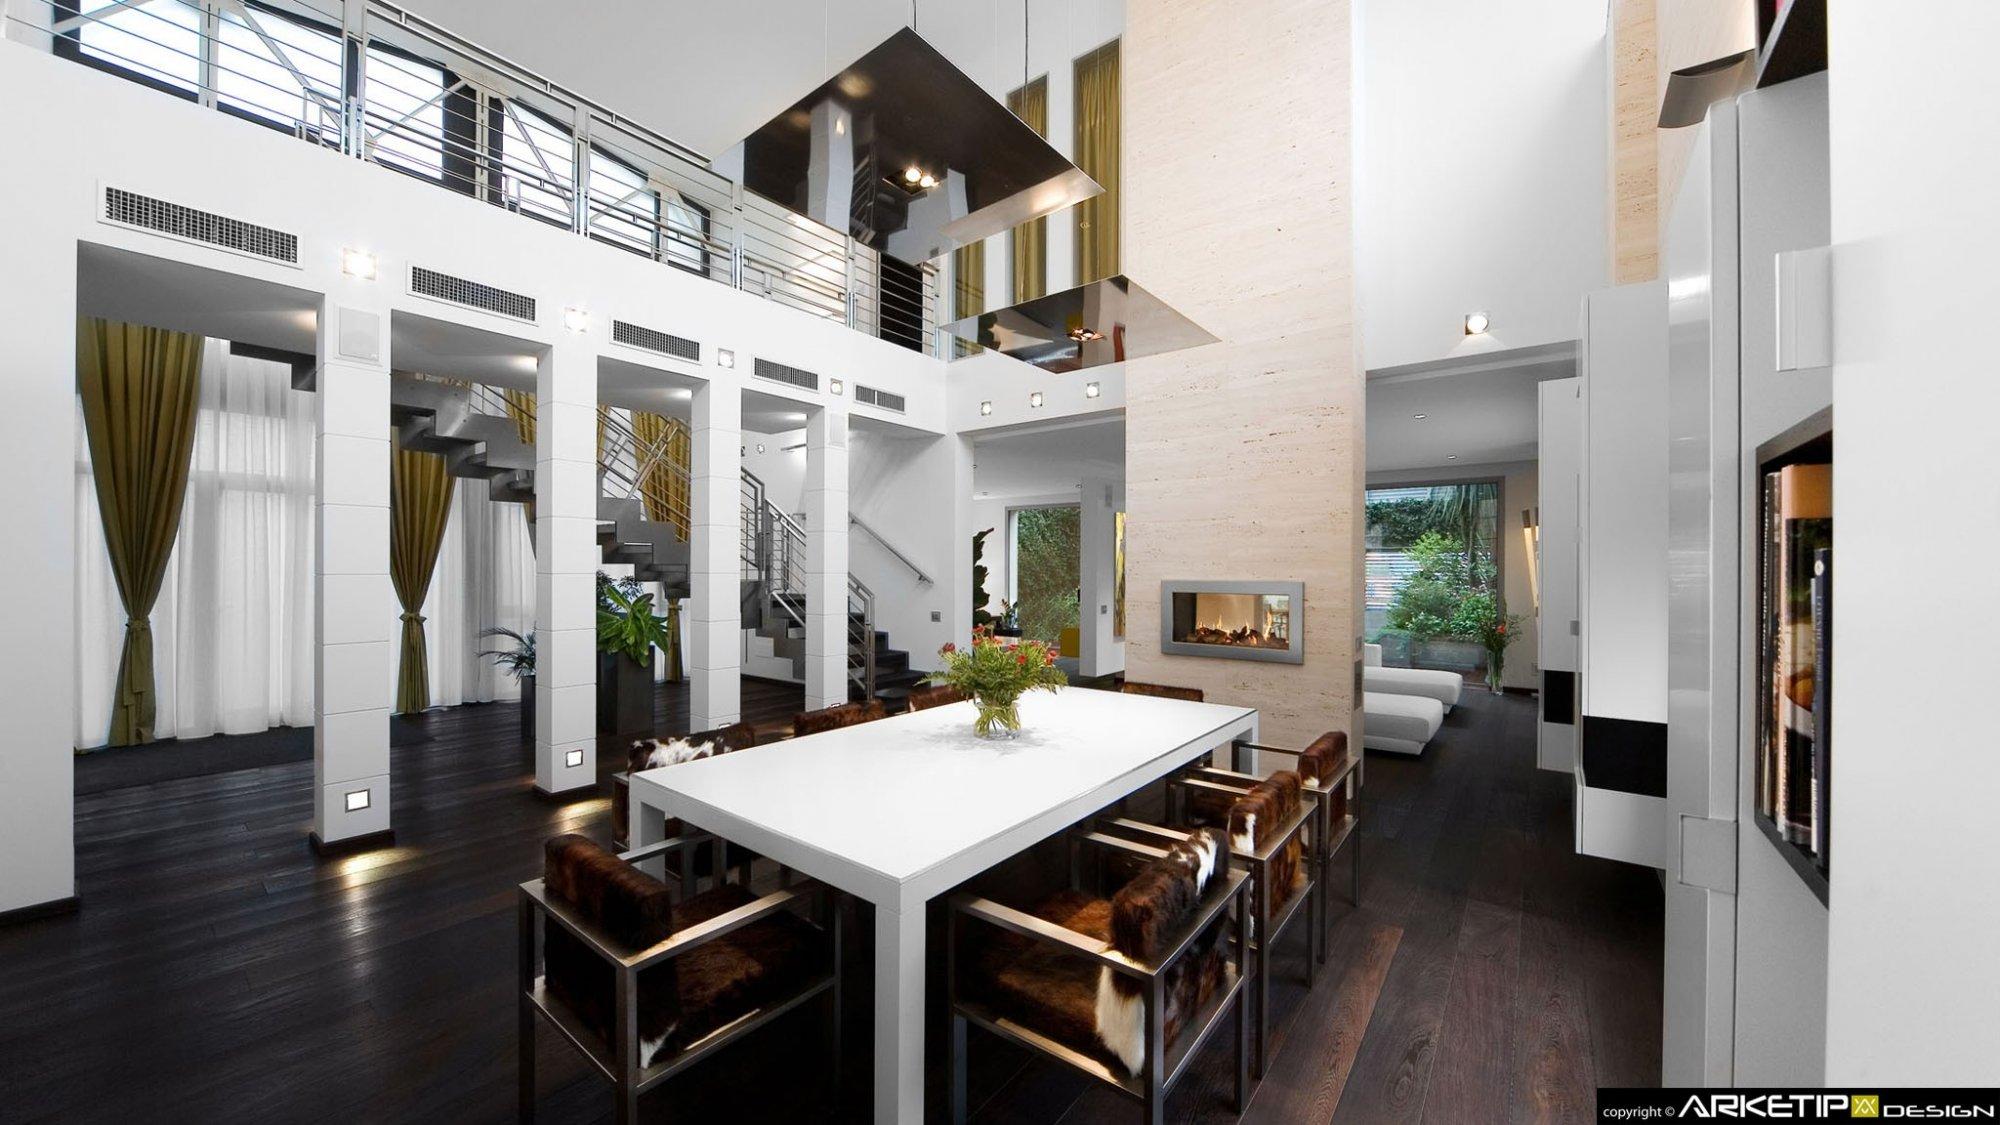 Arredamento loft riconversione edifici industriali milano for Arredamento loft